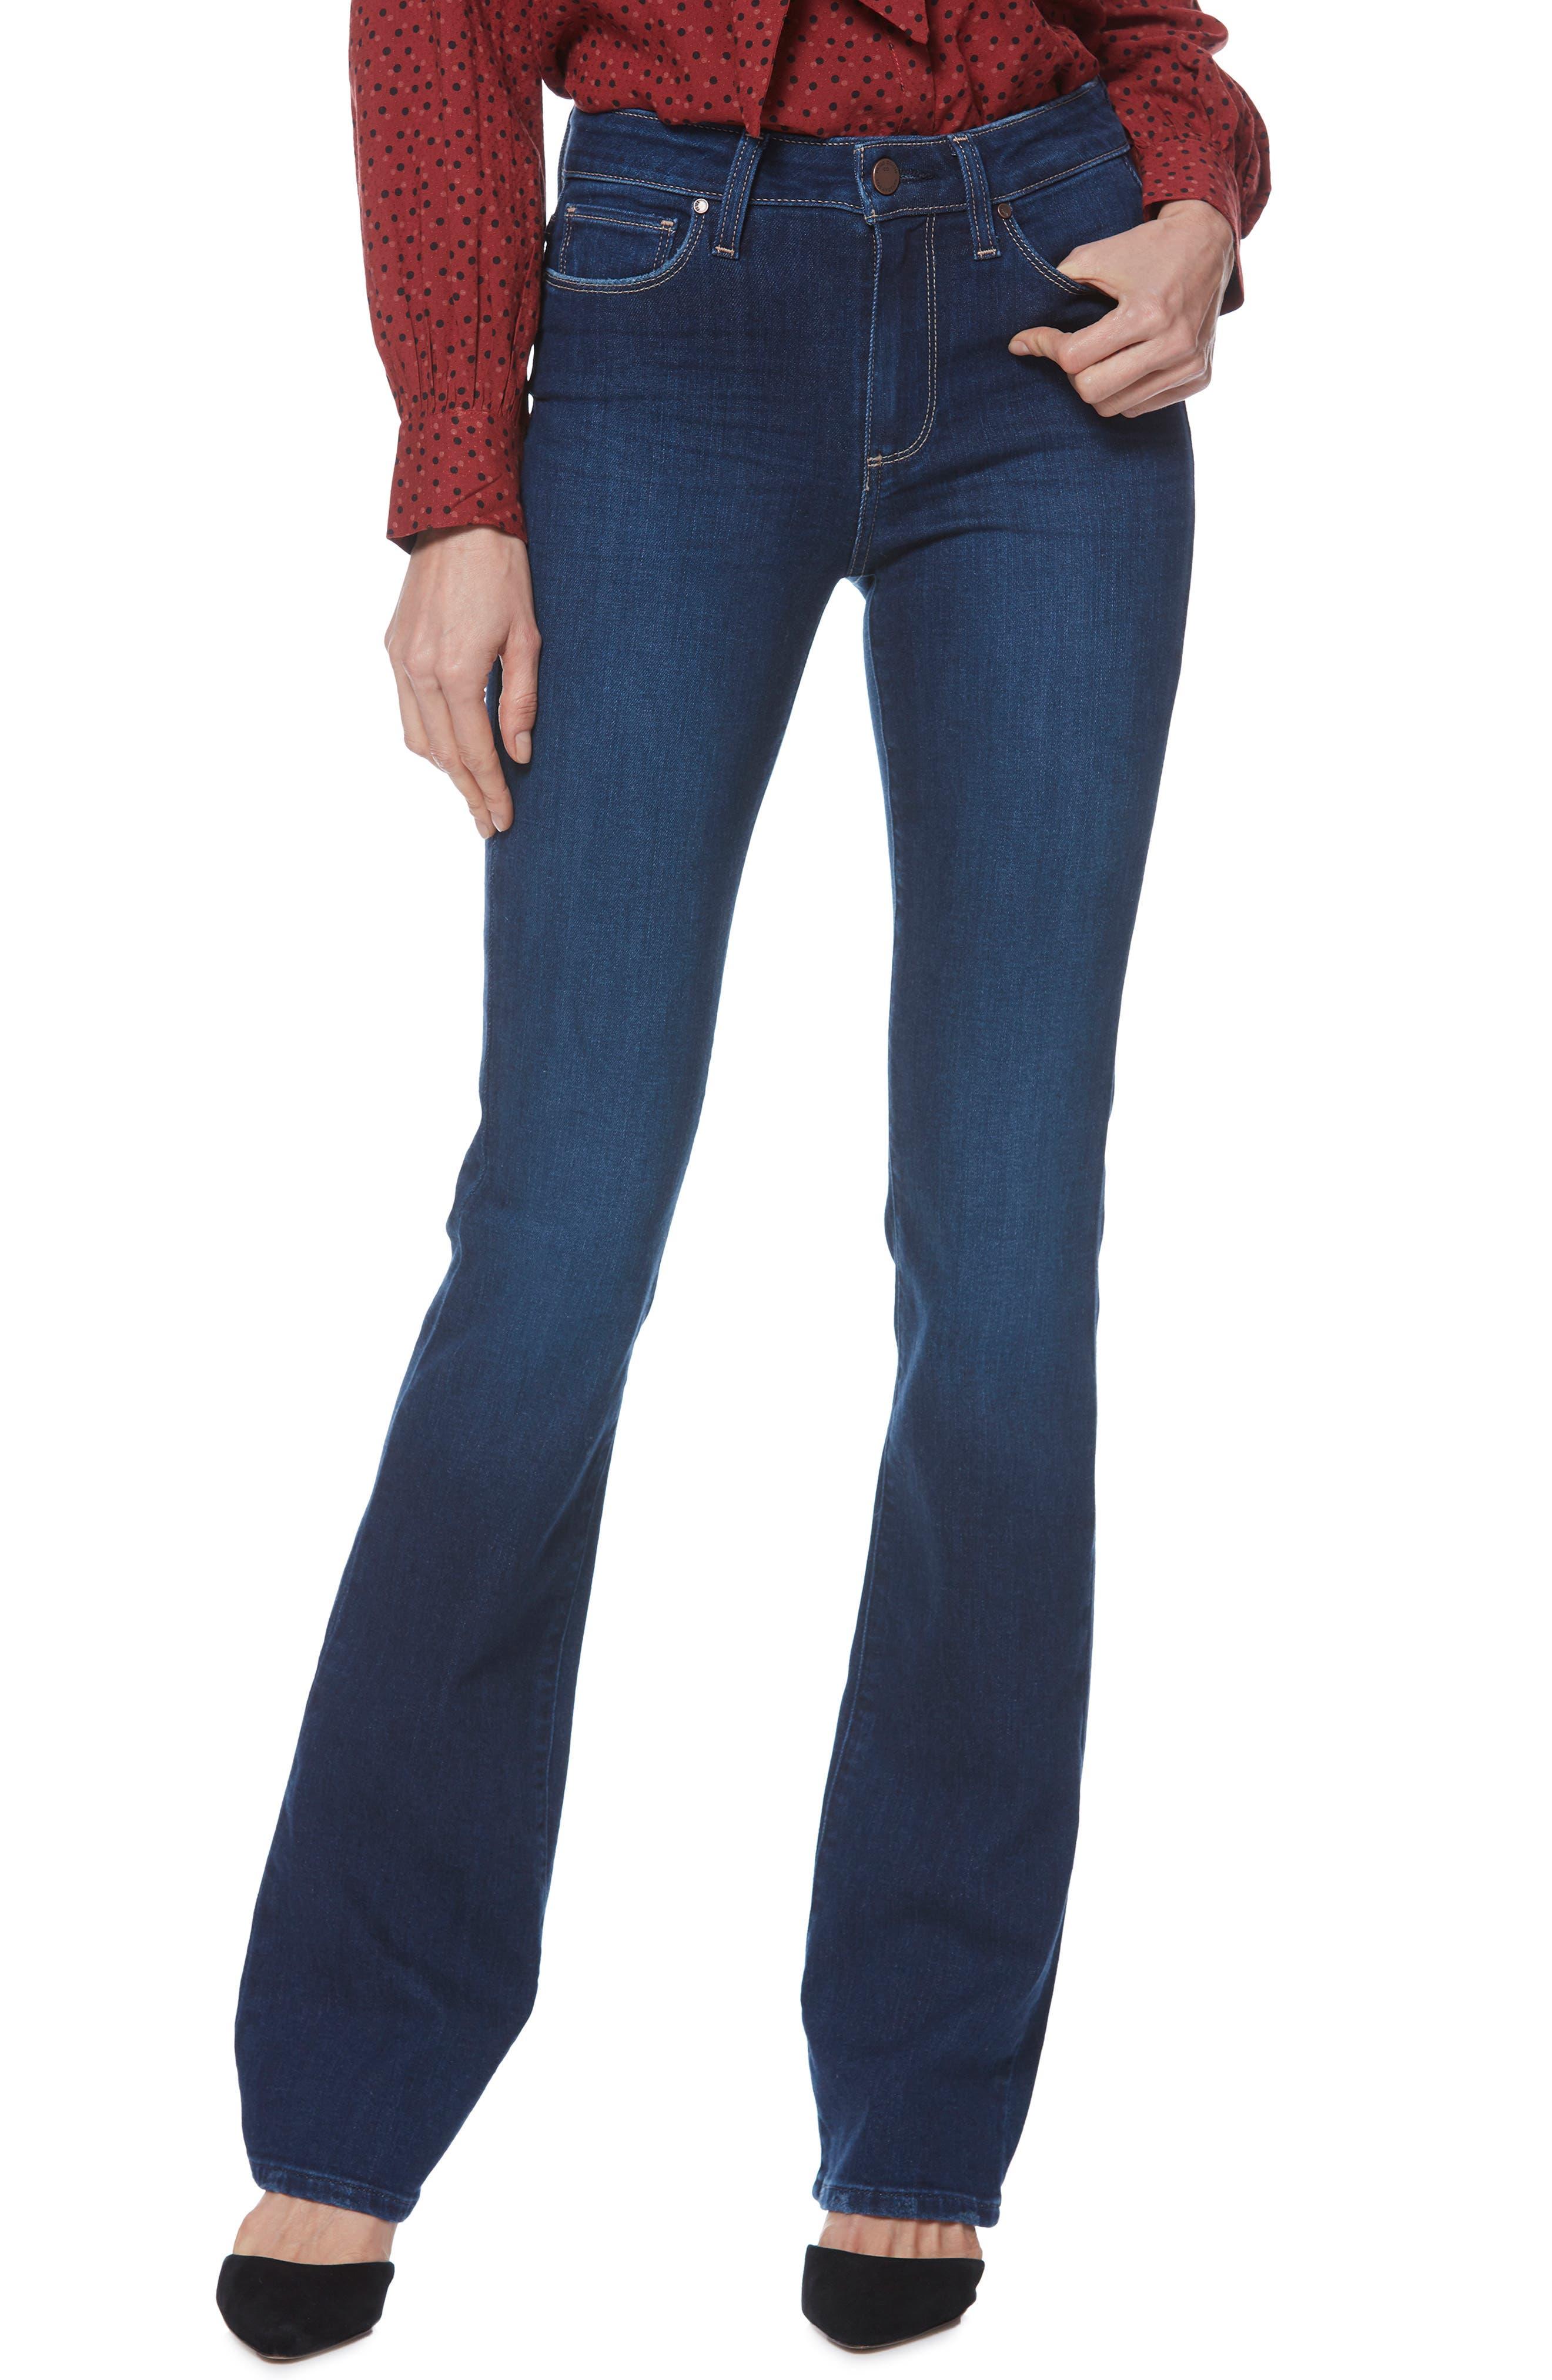 PAIGE Transcend Vintage - Manhattan Bootcut Jeans, Main, color, 400